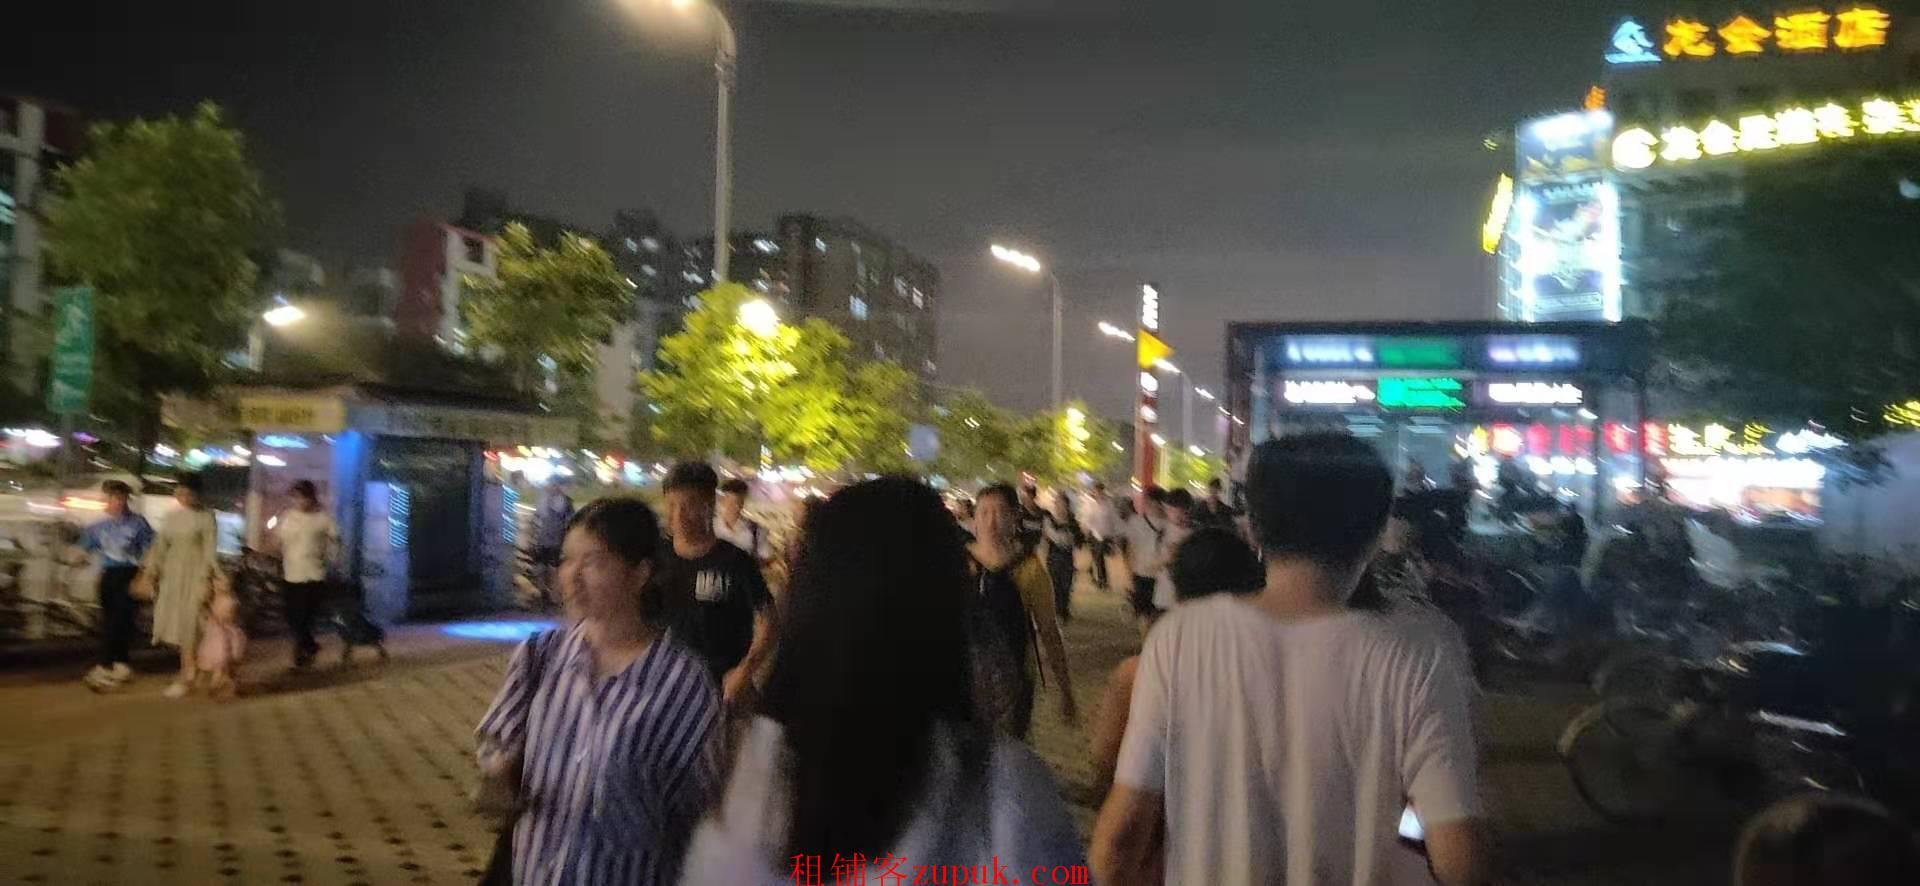 芳村街口,小吃店,可炸鸡水果捞,饭食快餐,门口人多,生意好做